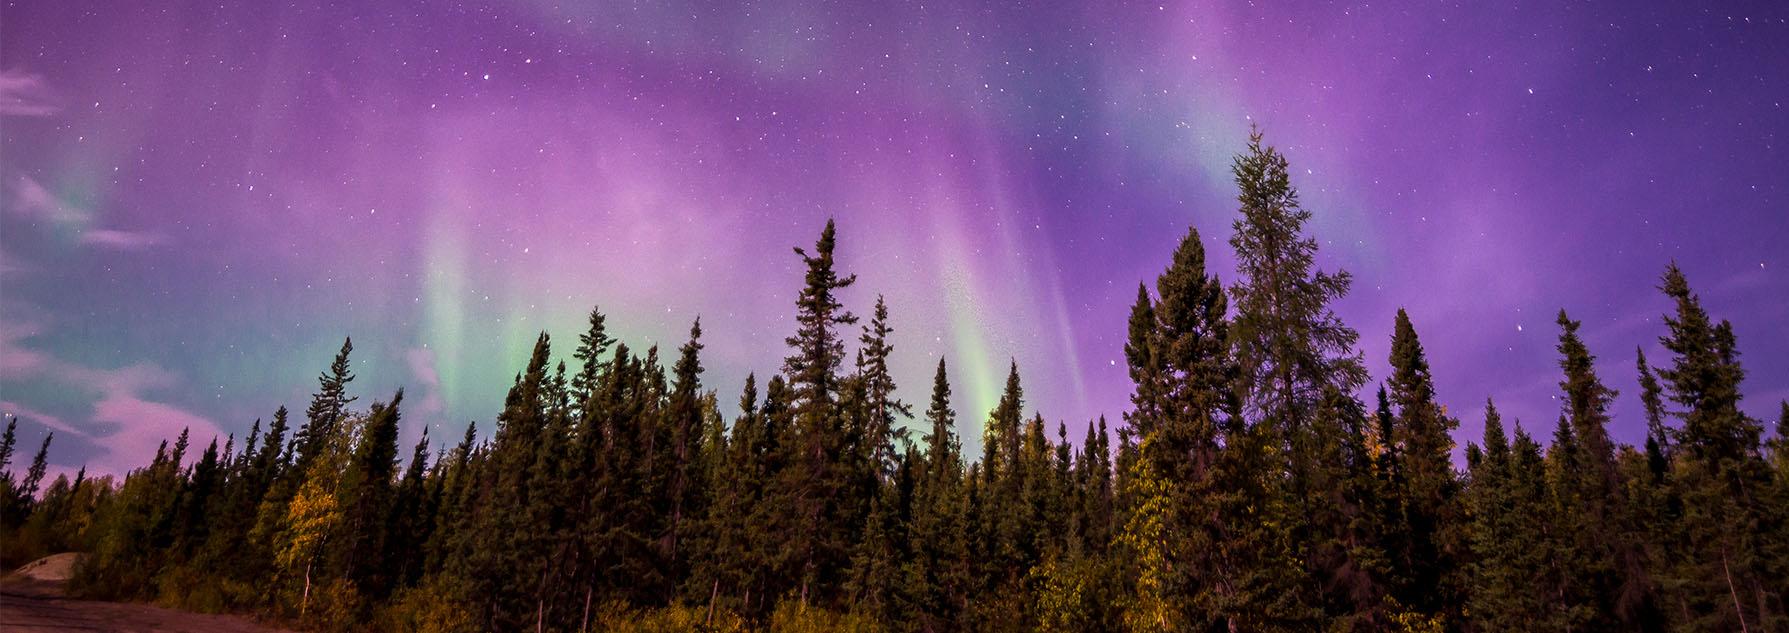 Forêt de sapins et aurore boréale